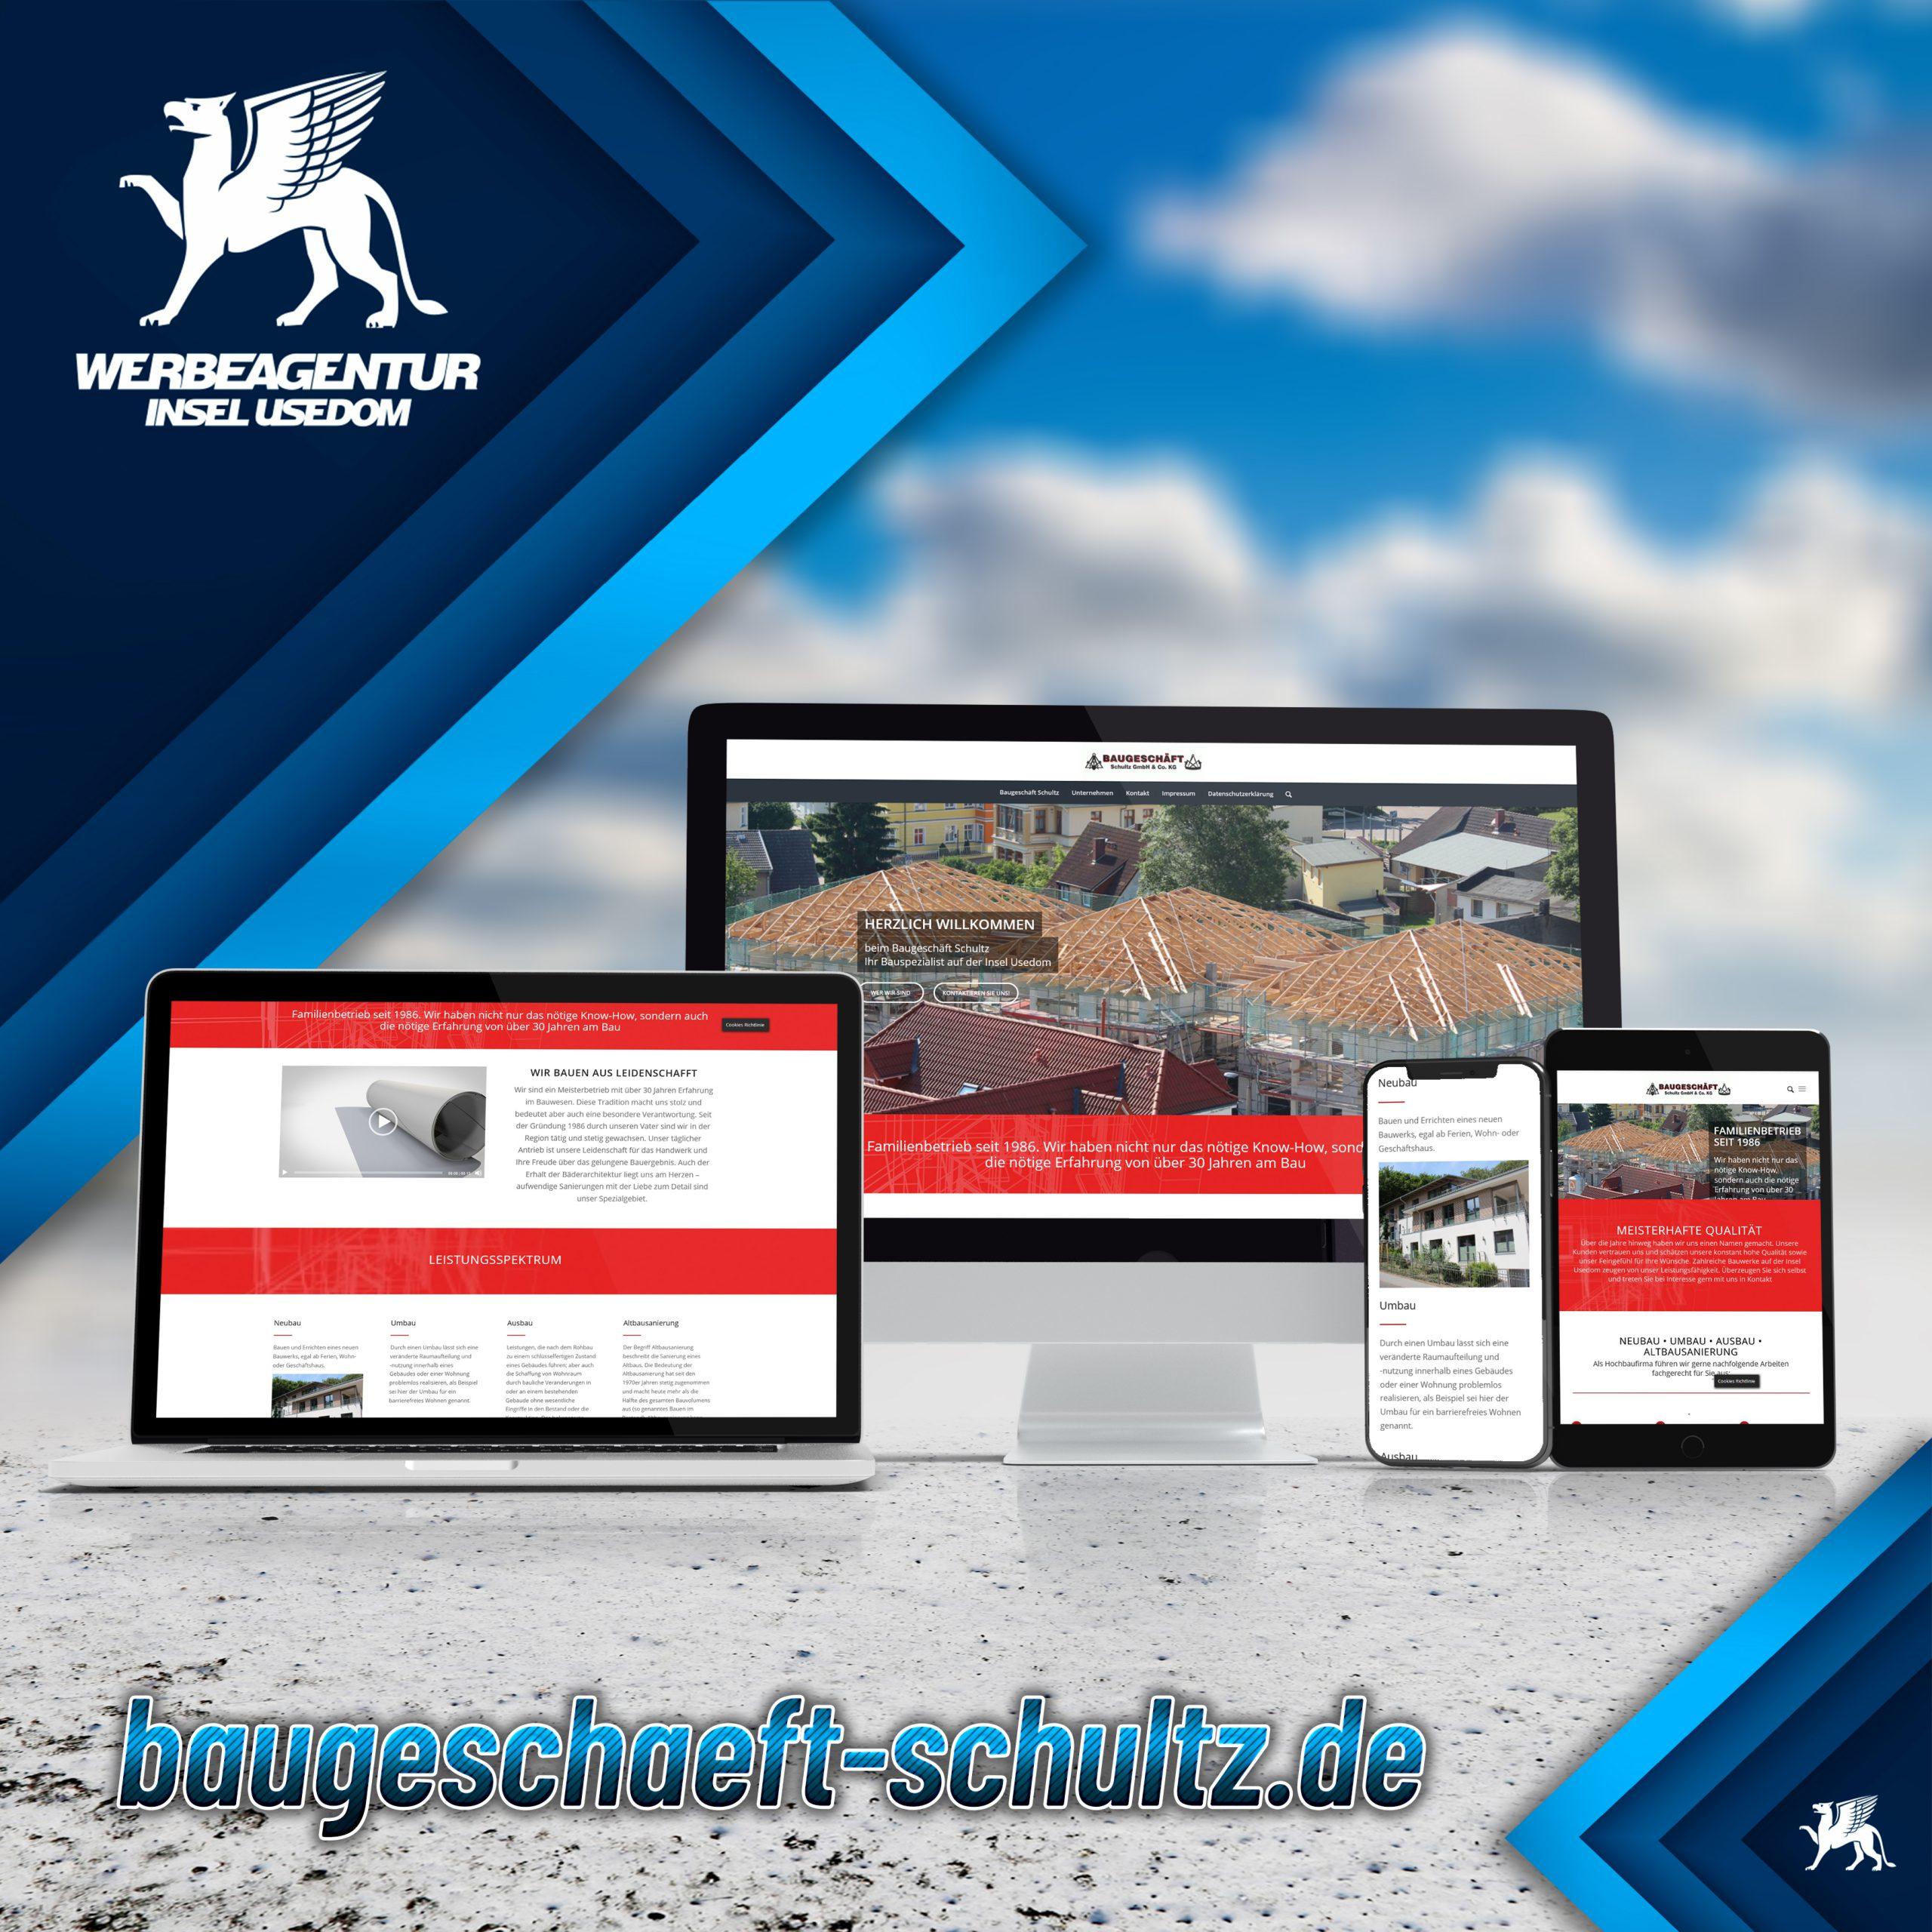 Baugeschäft Schultz GmbH & Co. KG